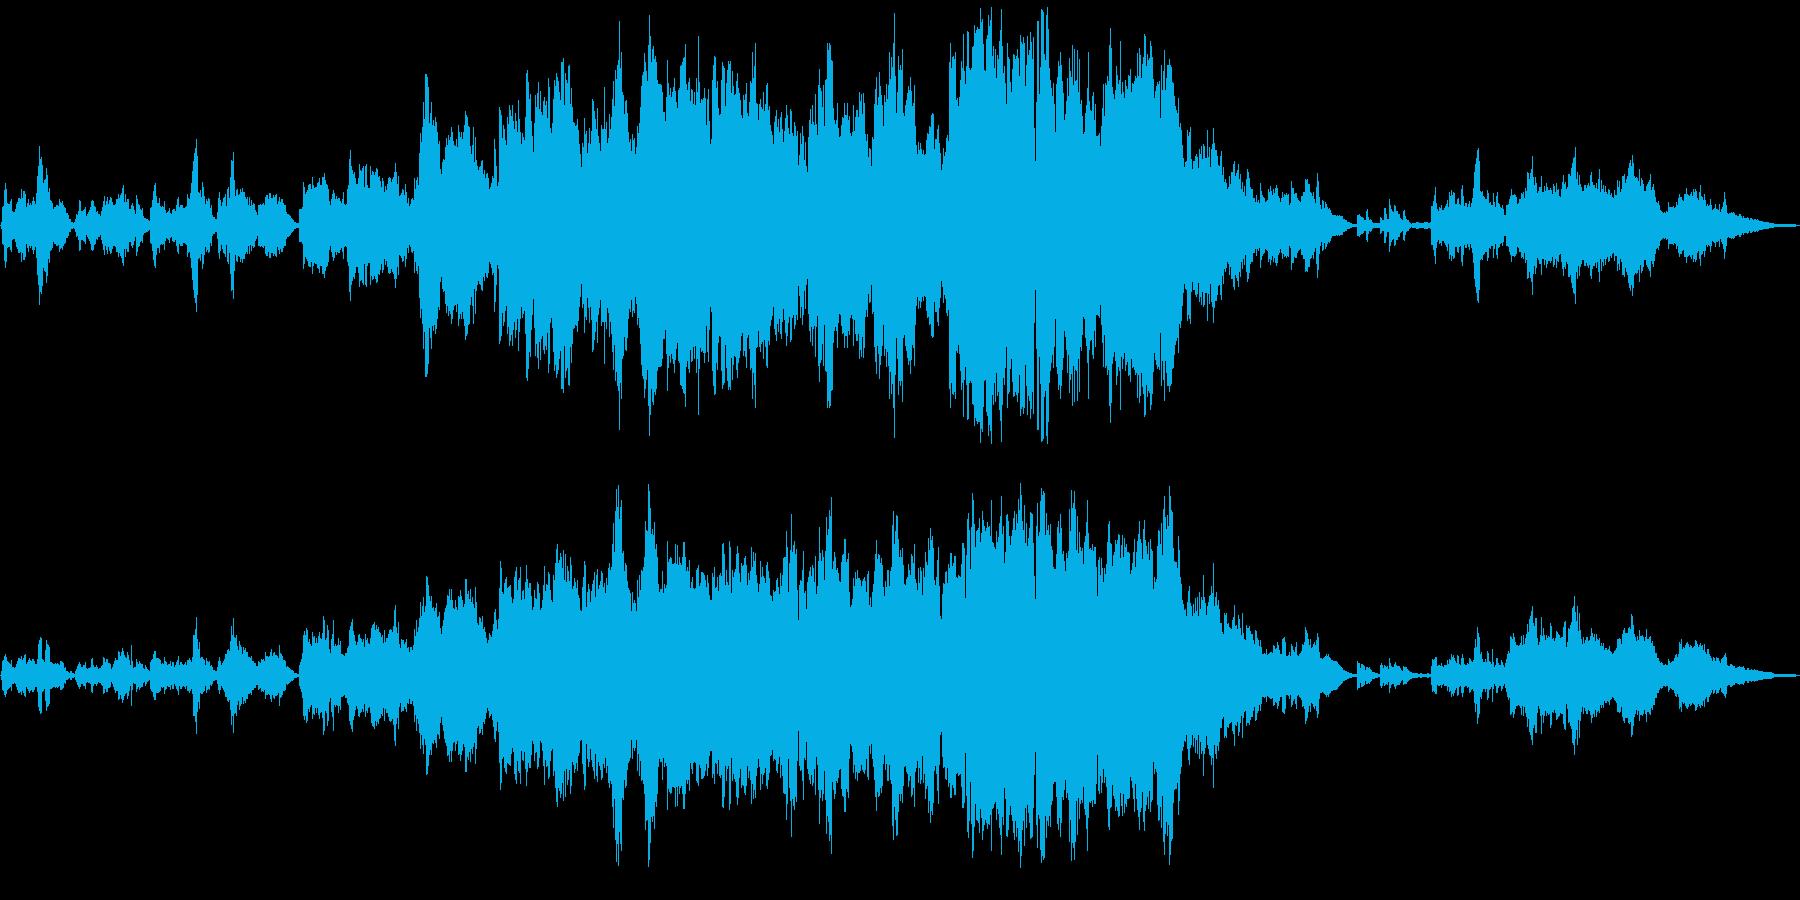 生演奏ヴァイオリンとフルート感動バラードの再生済みの波形